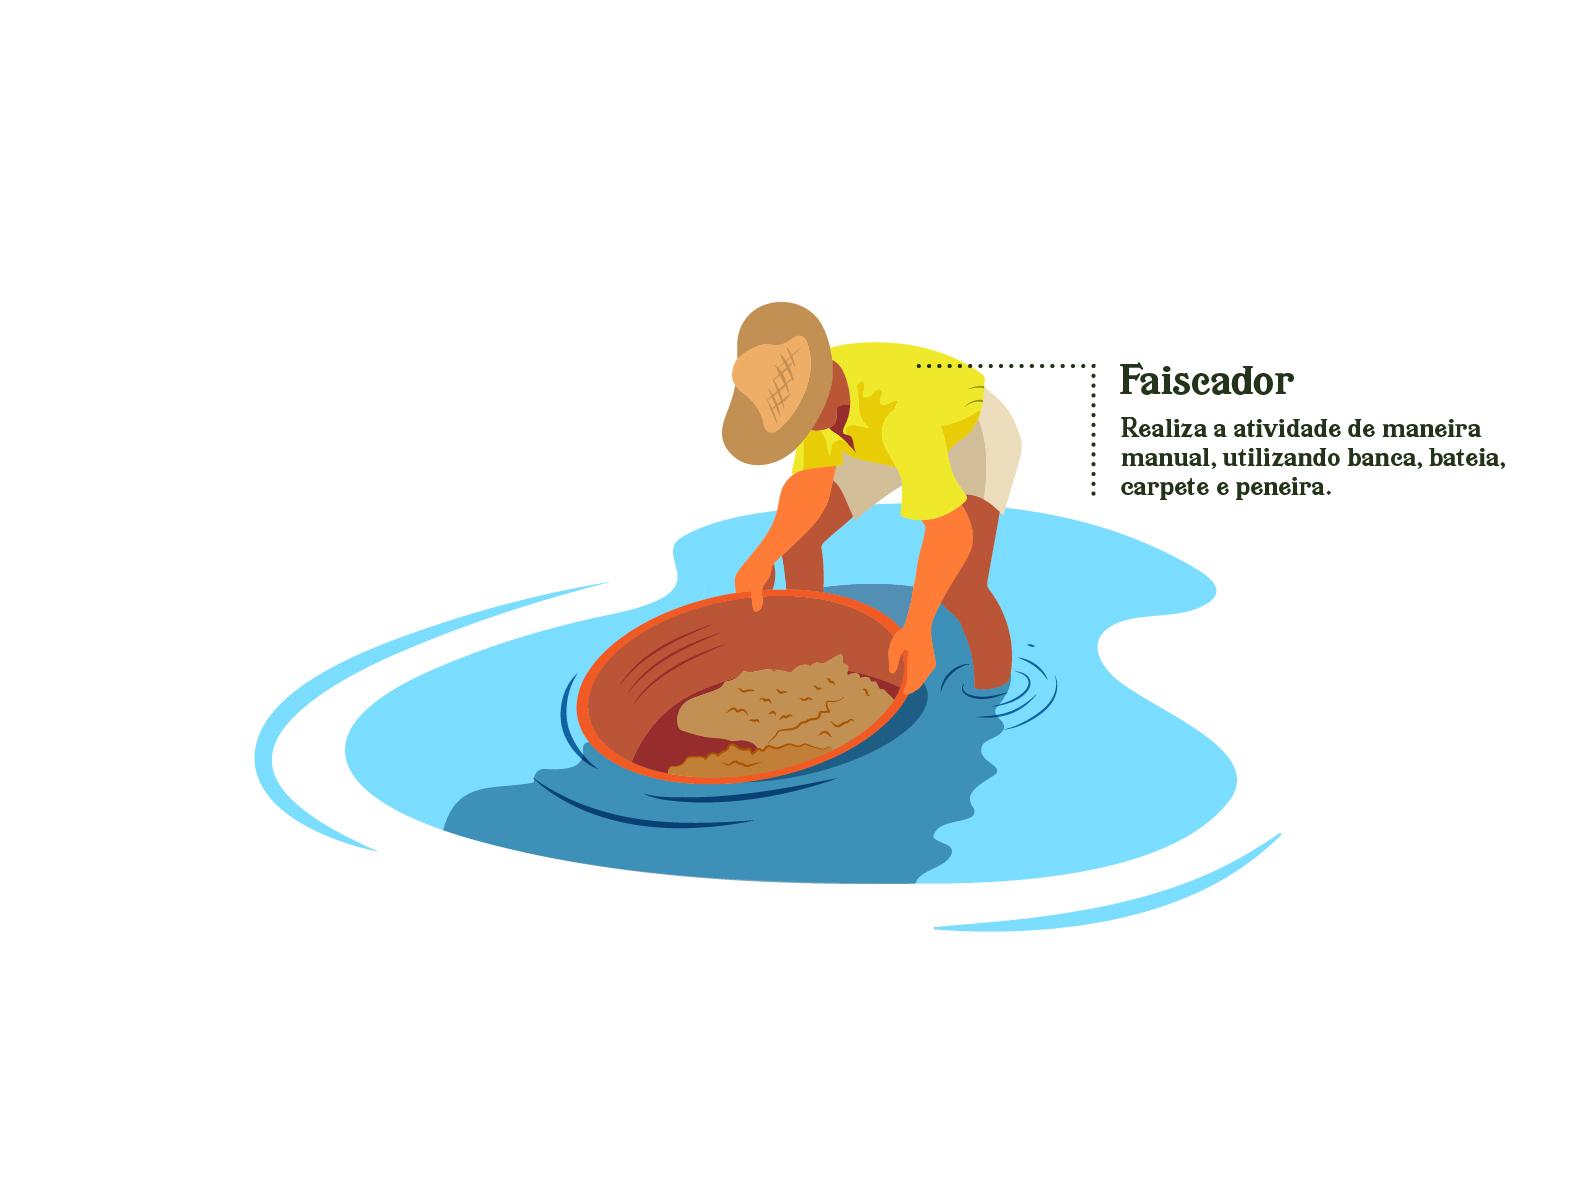 Garimpeiros - Faiscador web flat vector design illustration